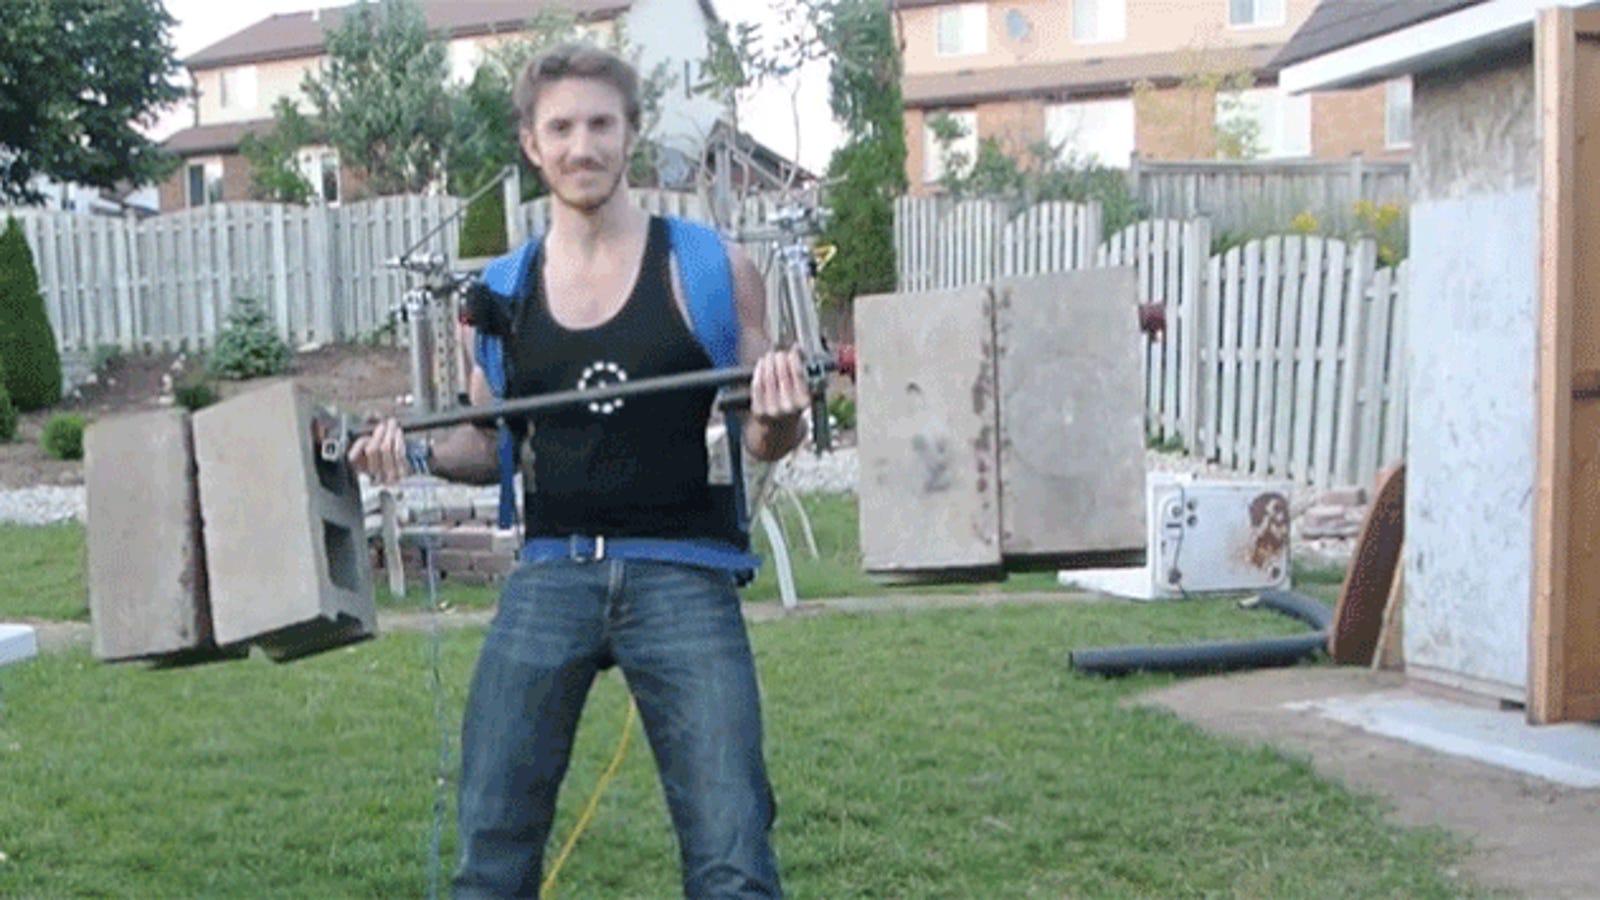 Construye un exoesqueleto casero que levanta 77 kilos sin esfuerzo